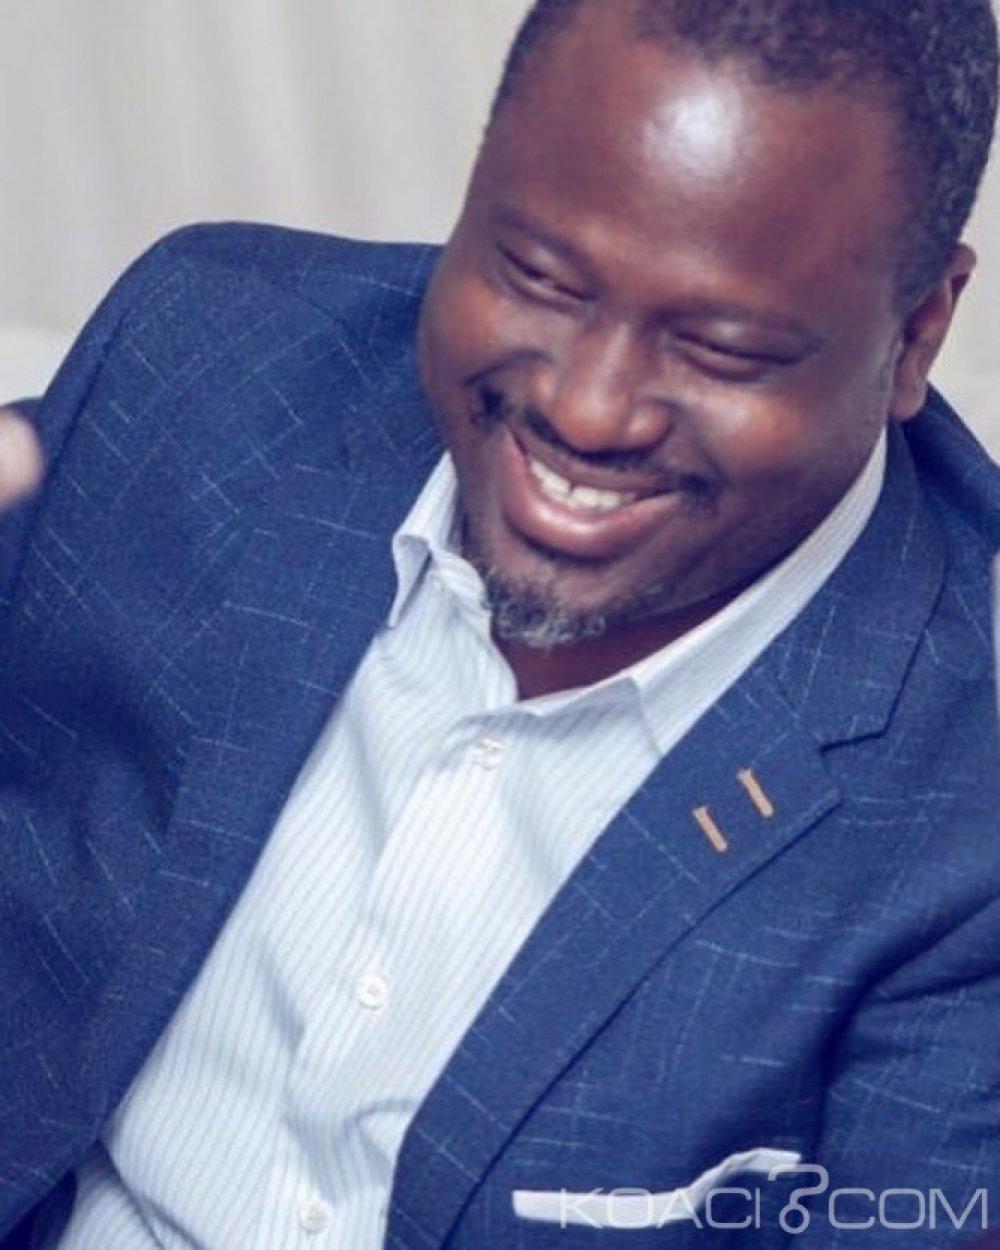 Côte d'Ivoire : Crise à l'APF, Soro ne fait pas de cadeau à Amadou Soumahoro « c'est à mourir de honte, ceci est un manque d'élégance »